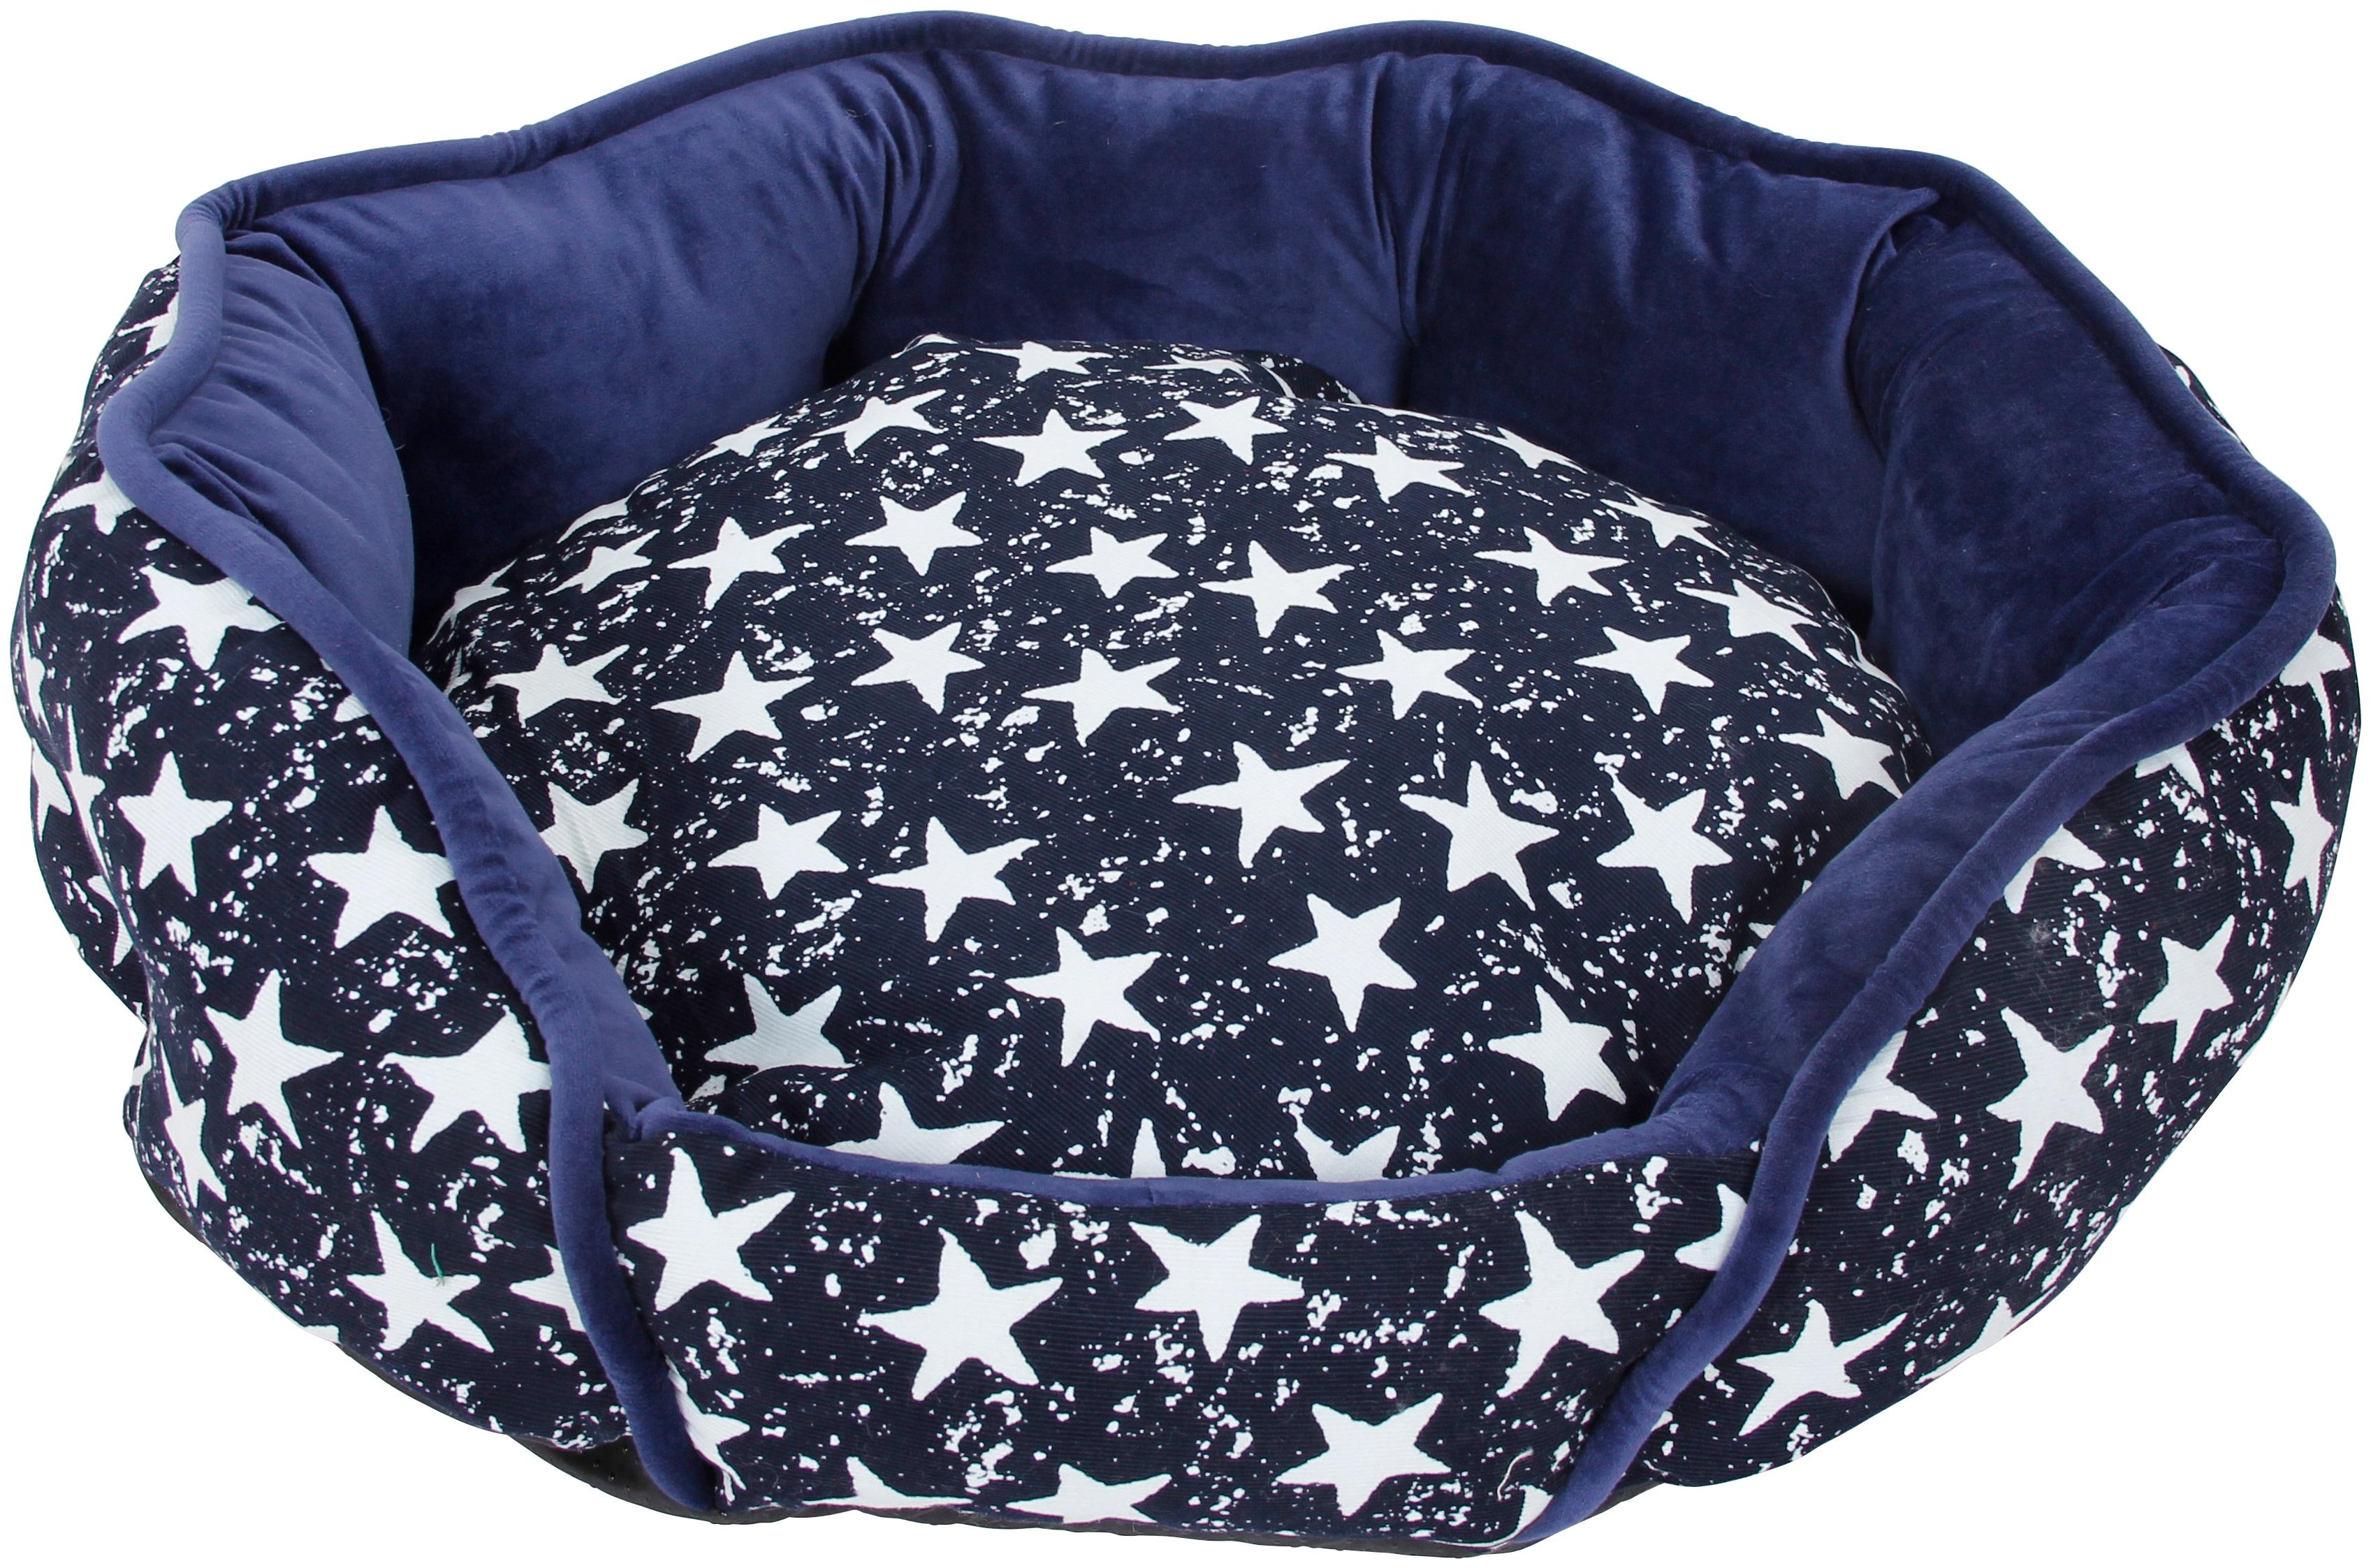 HEIM Hundebett und Katzenbett »Luxus - Star«, blau-weiß | Garten > Tiermöbel | HEIM